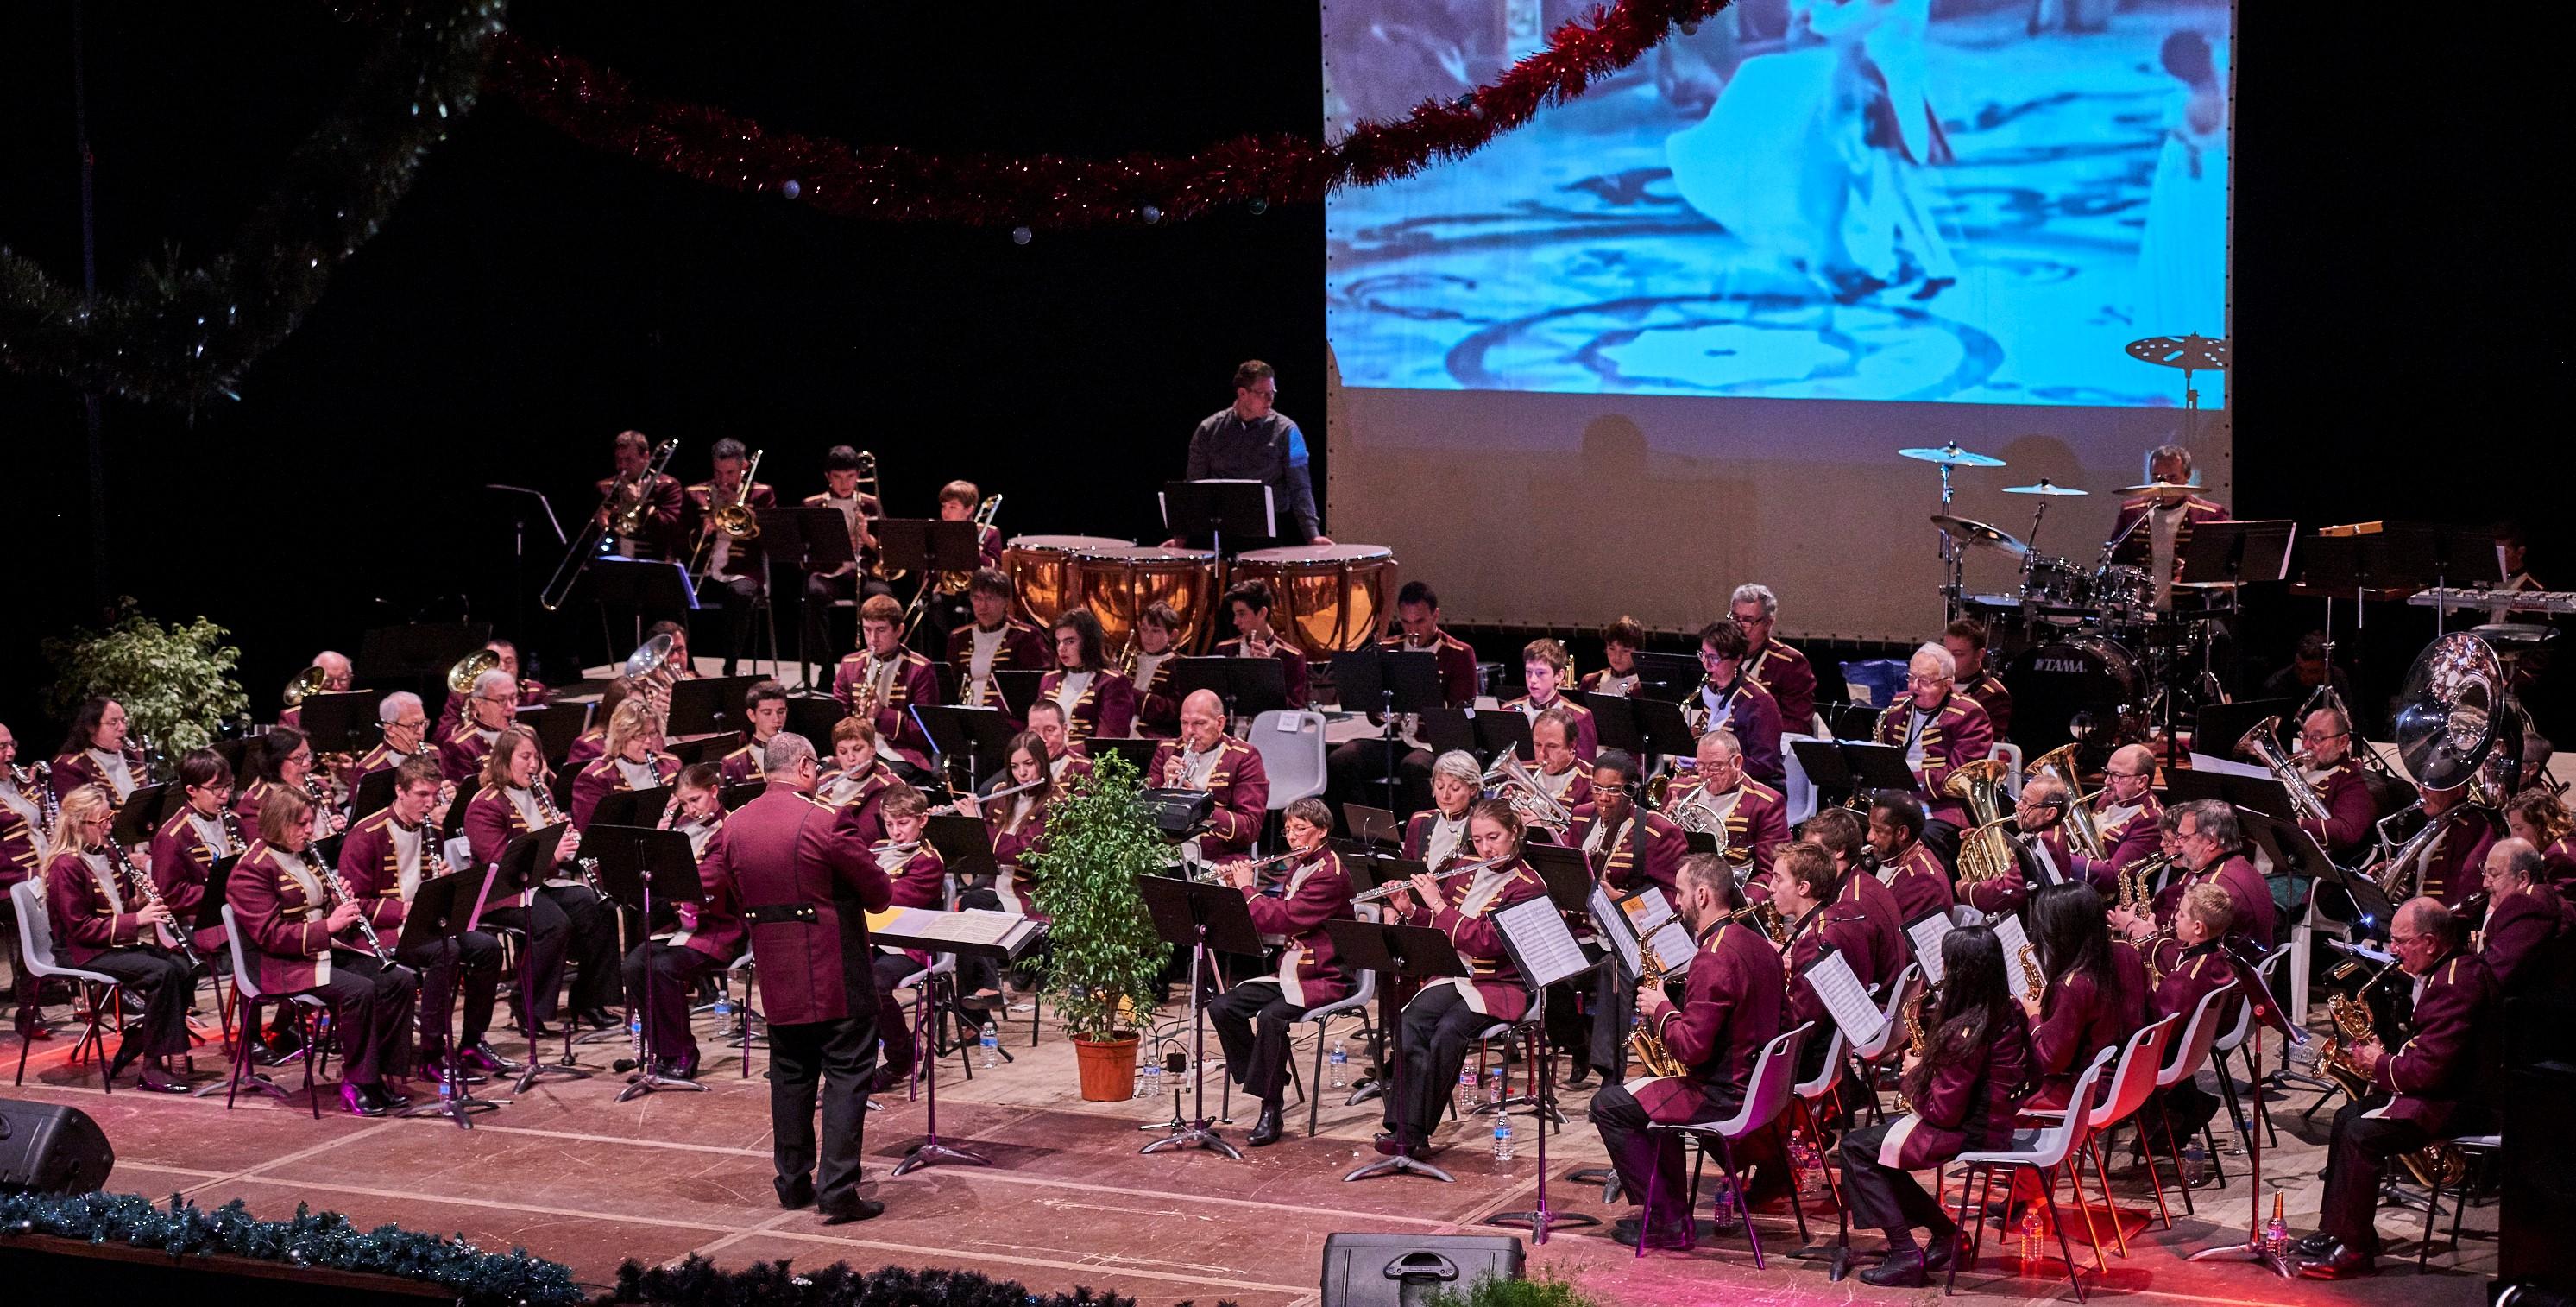 L'union musicale de Château-Thierry